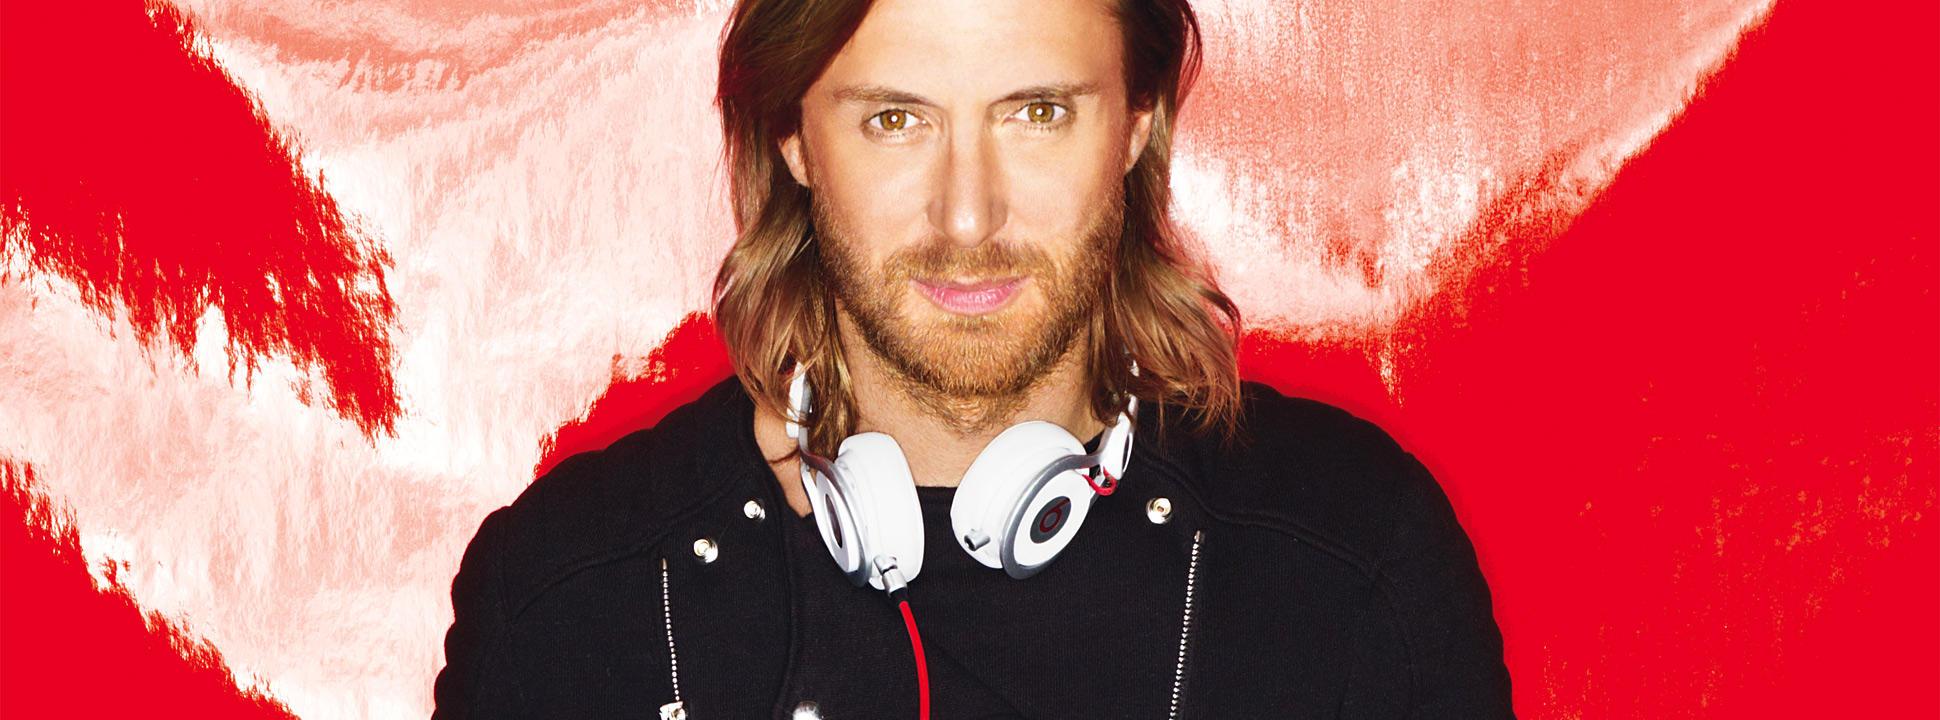 David Guetta officialise sa relation avec sa nouvelle chérie lors d'un dîner à l'Elysée